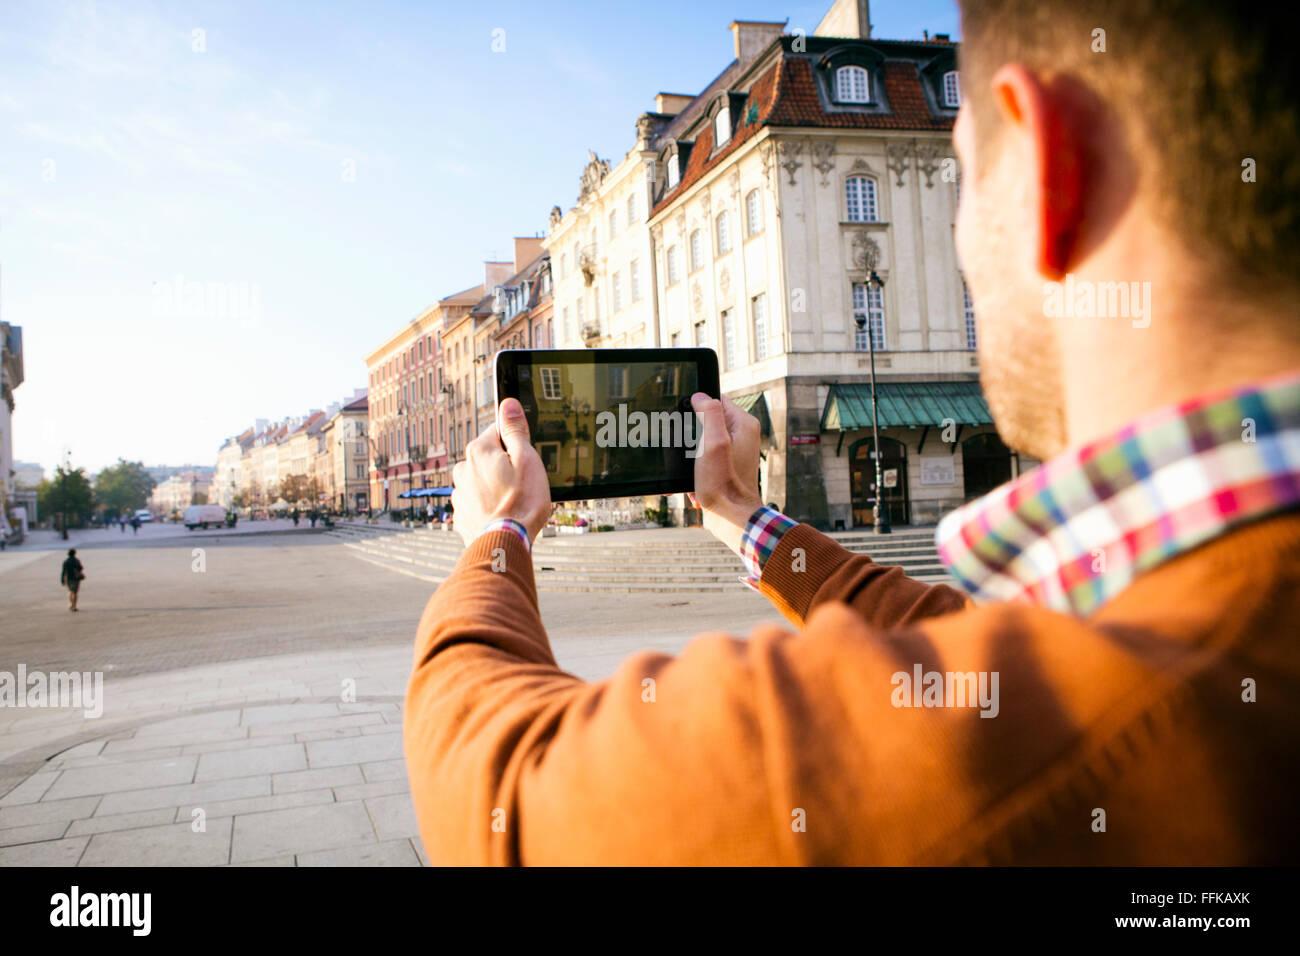 Uomo su una pausa in città di scattare una foto con smart phone Immagini Stock